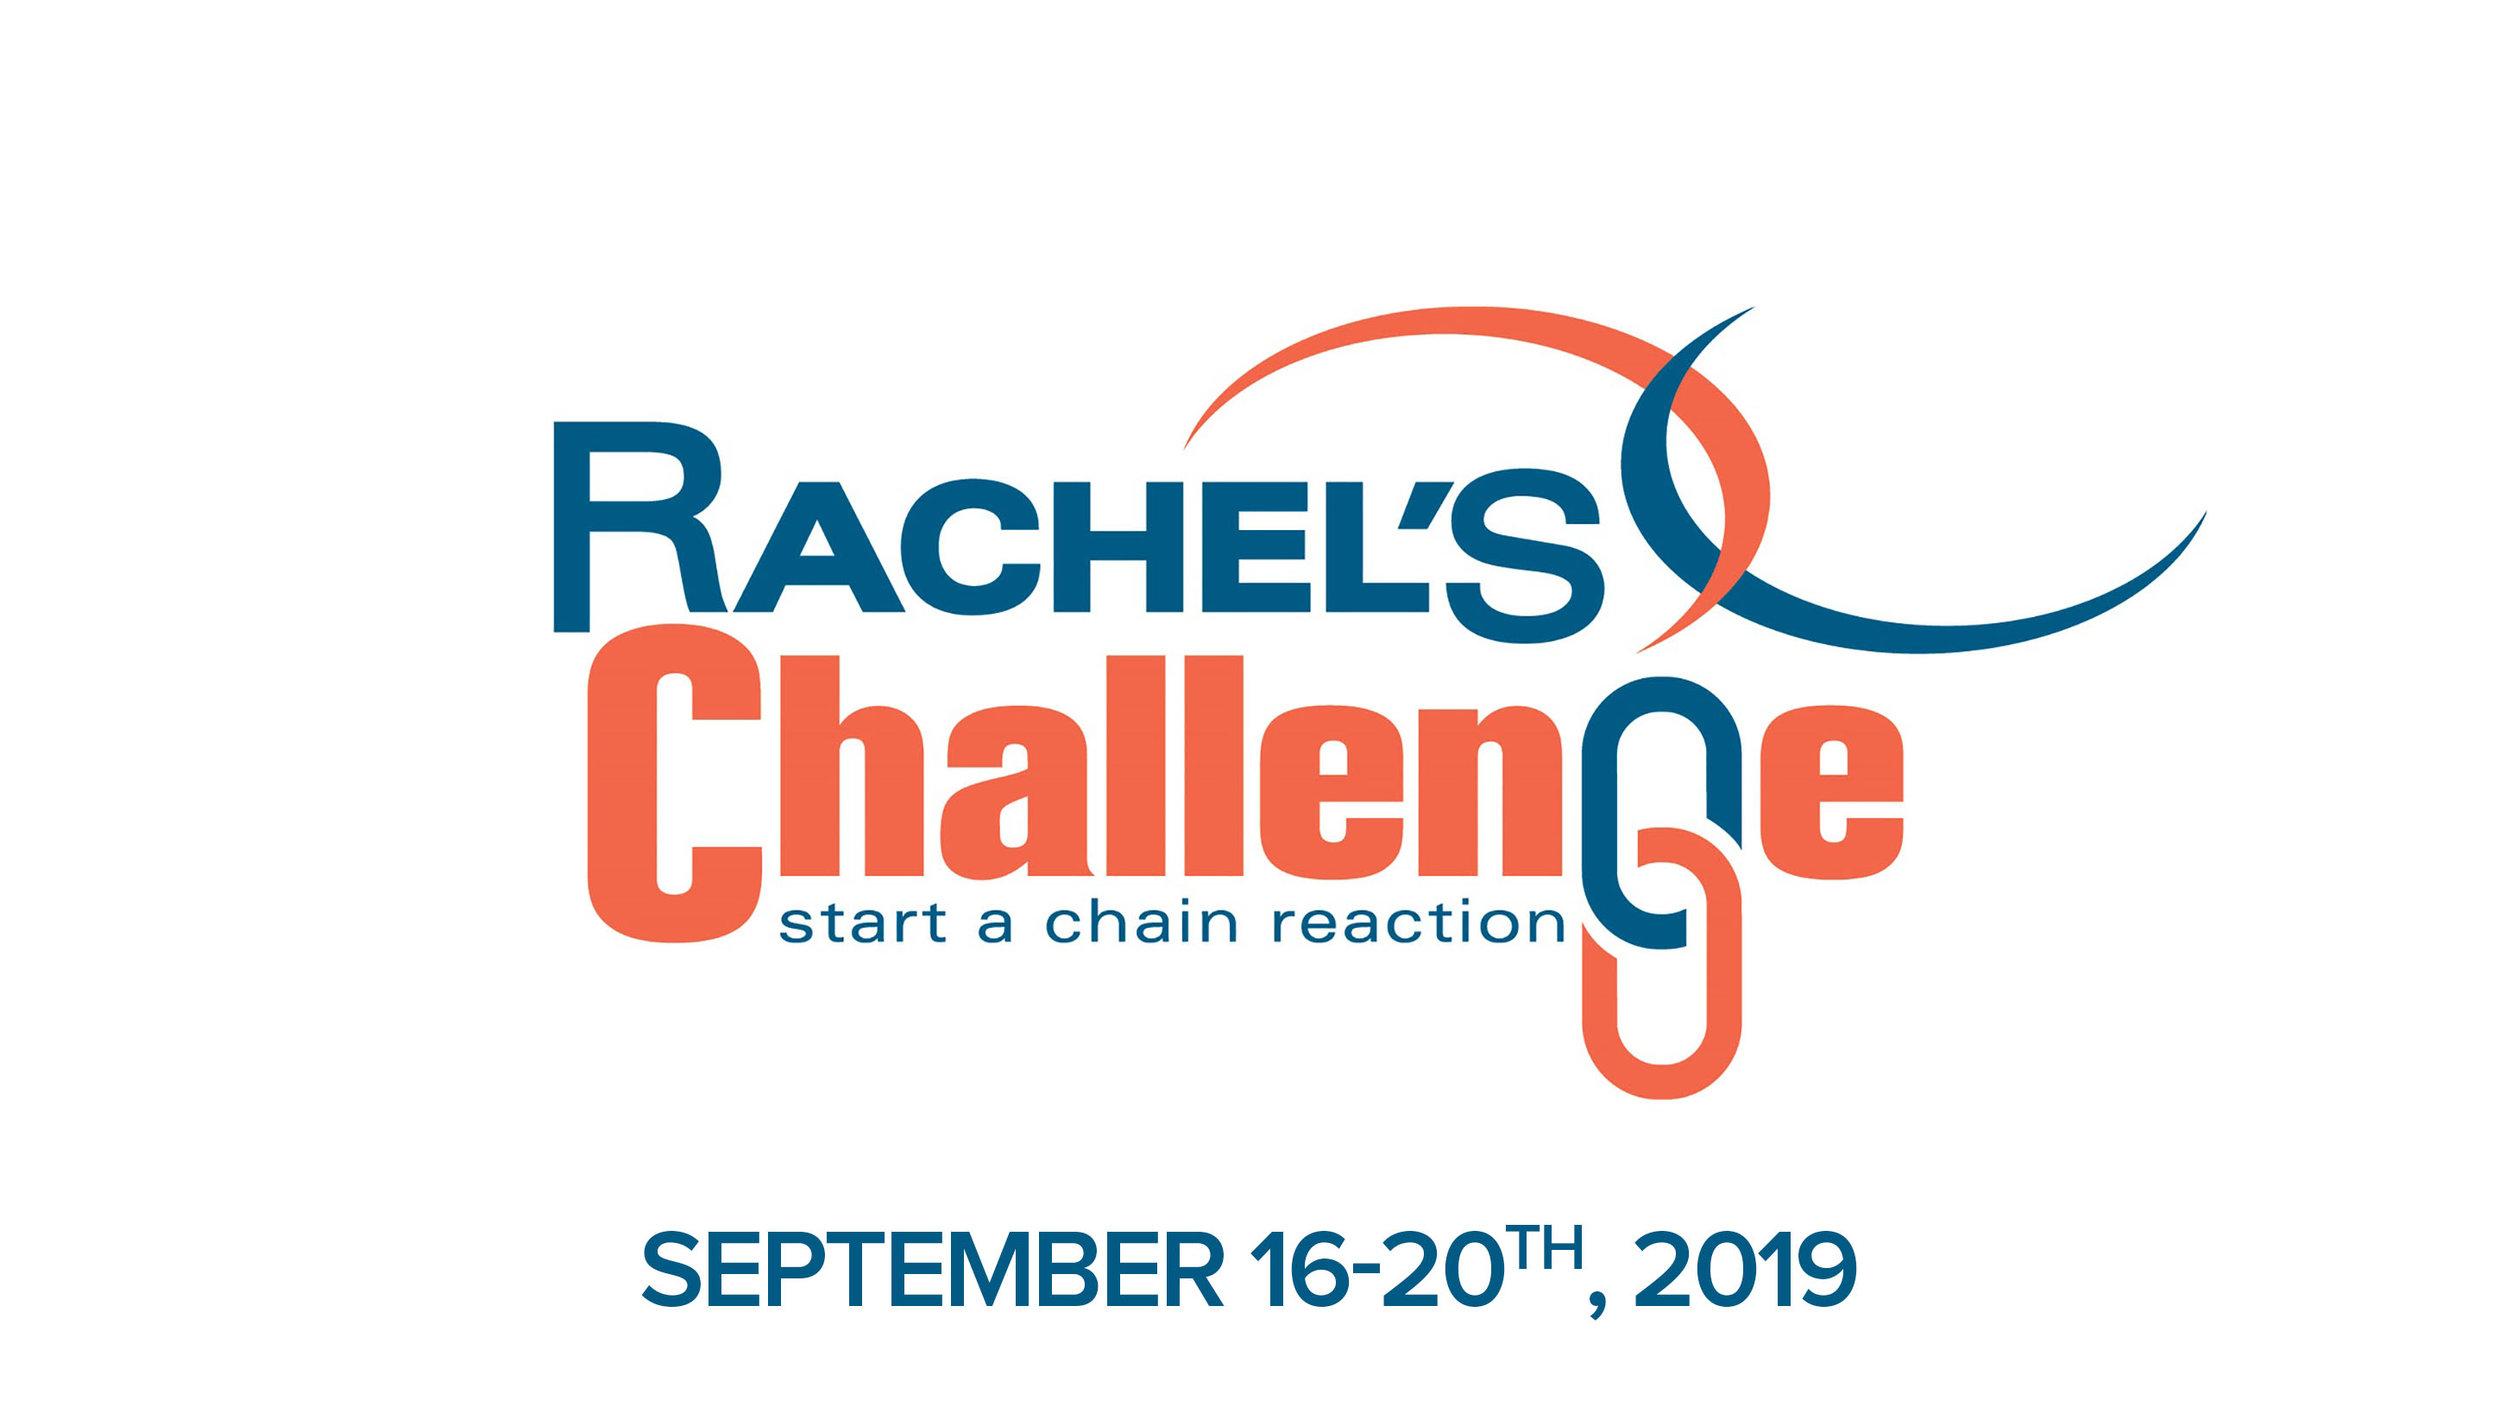 2019.09.16 - Rachels Challenge Ad.jpg